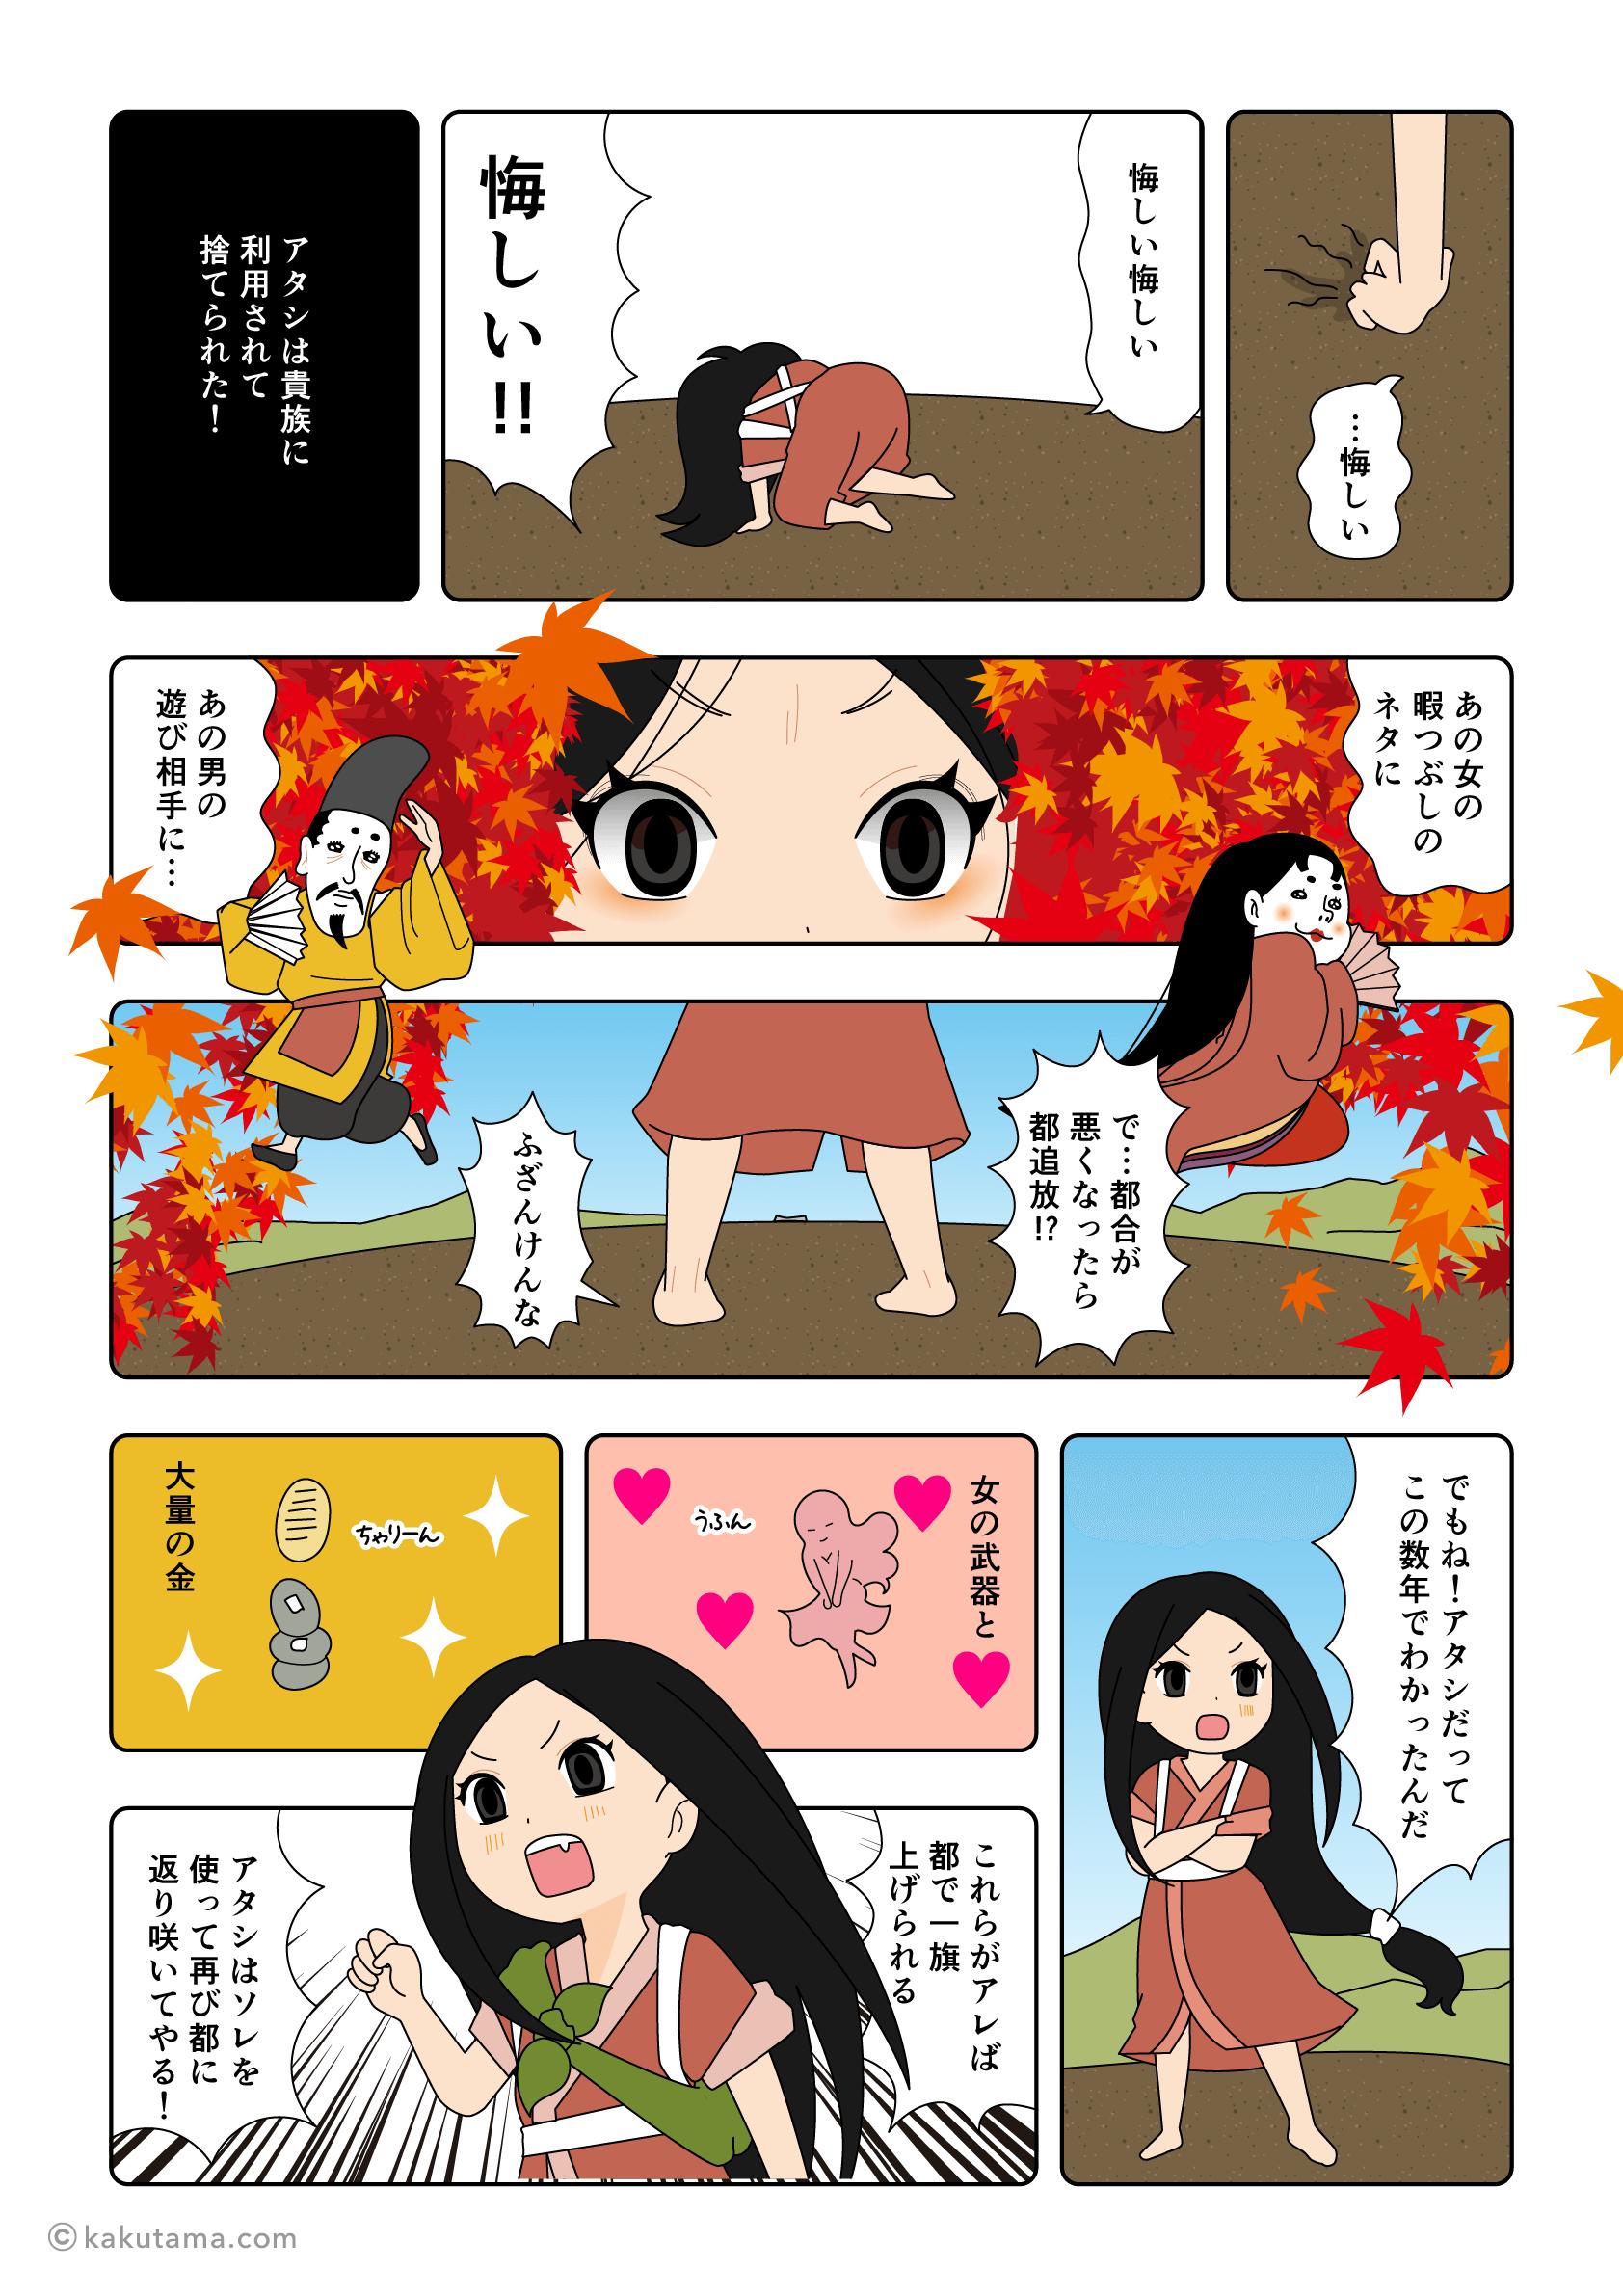 貴族に復習を誓う紅葉の漫画